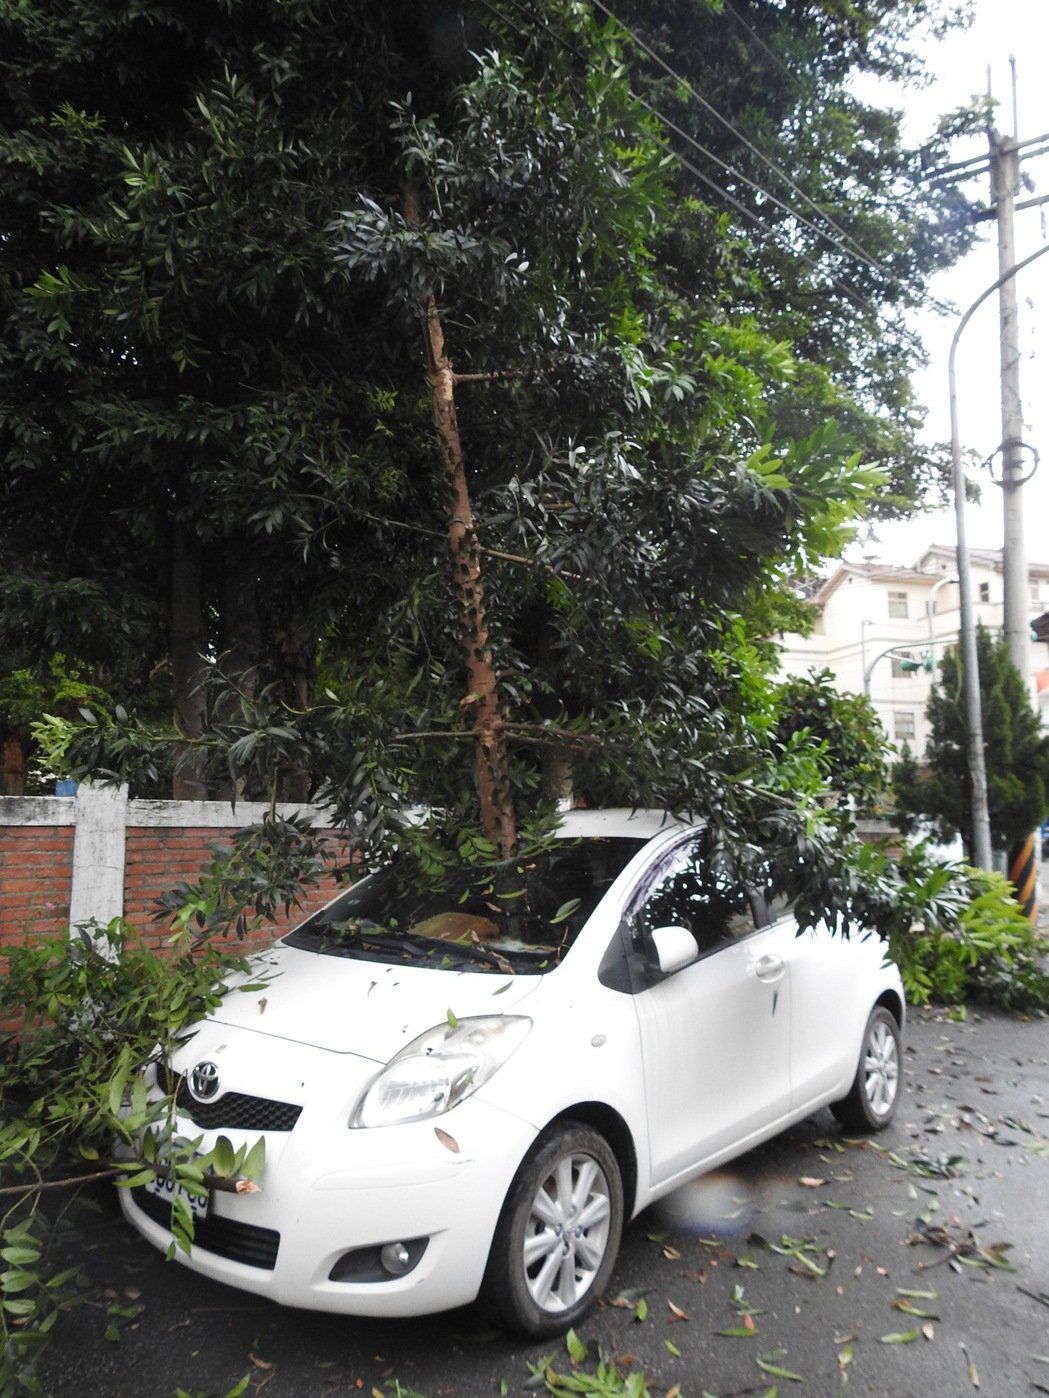 育英國小校樹今被風吹斷後插破校牆旁車輛,嚇傻要移車的車主,險上演「絕命終結站」。...